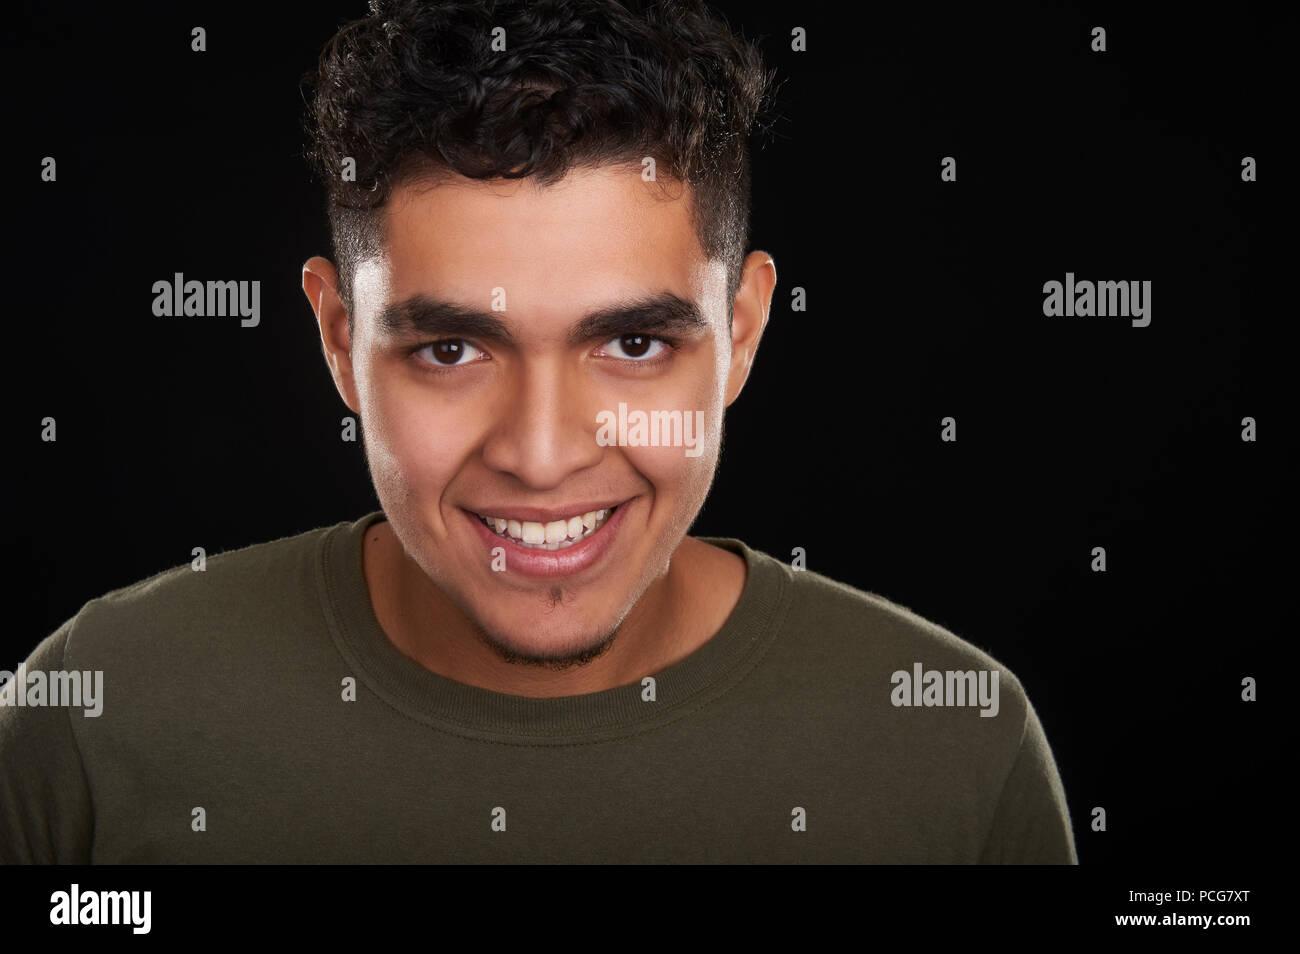 Ritratto in studio di 19 anni giovane uomo sorridente Immagini Stock